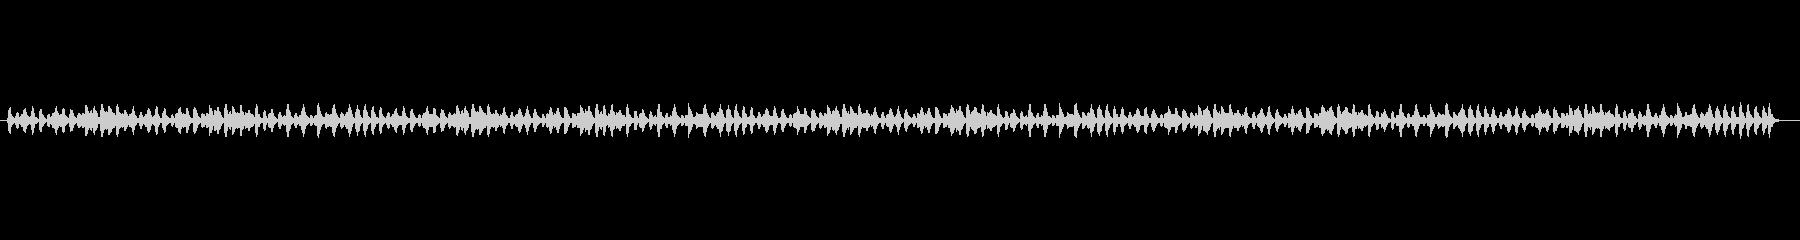 のんびりとしたBGMの未再生の波形